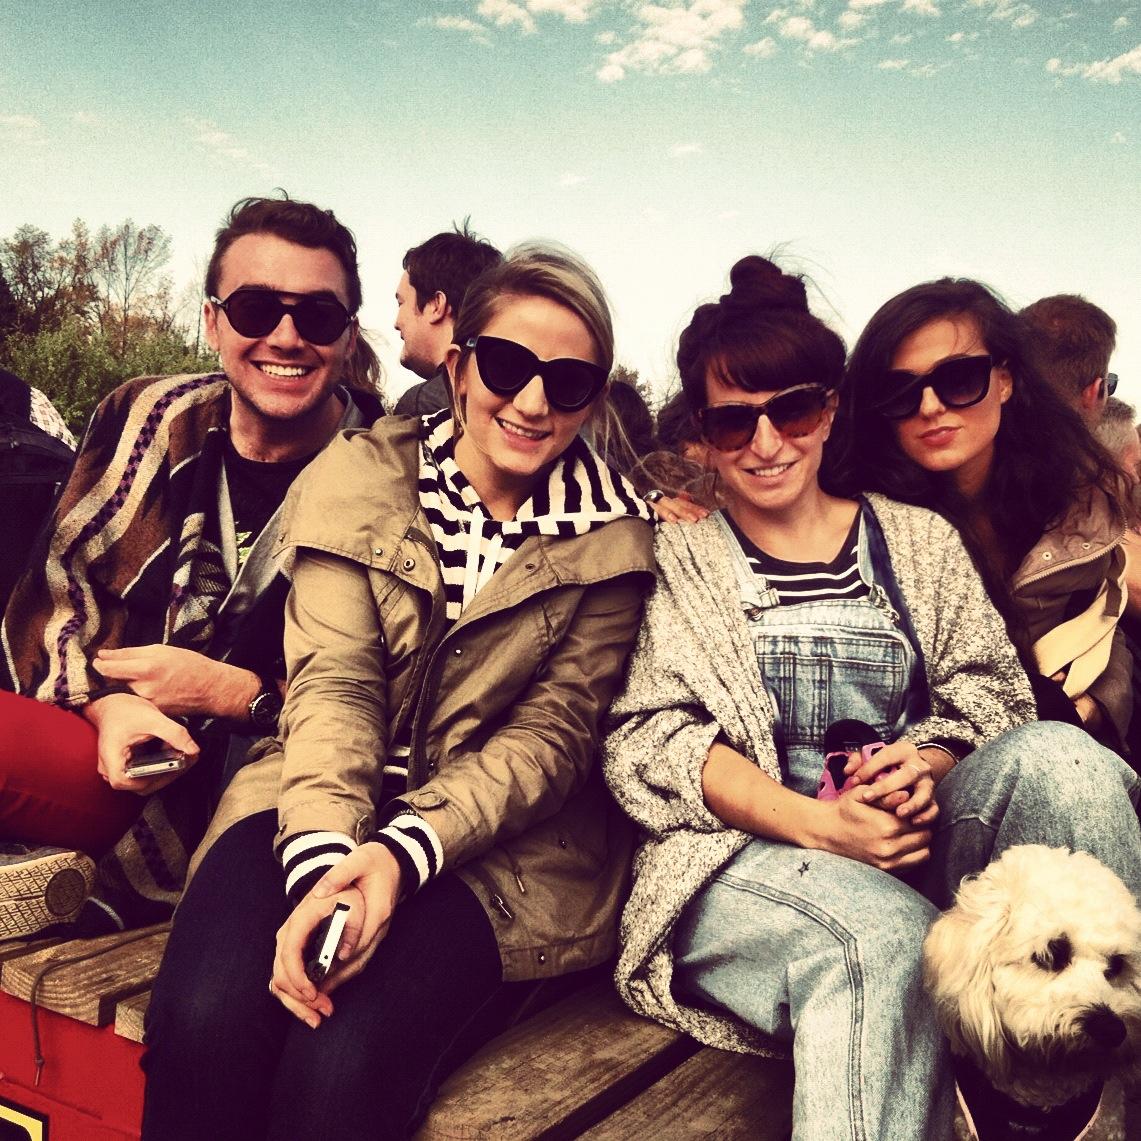 Dana-Suchow-Dog-Instagram-Friends